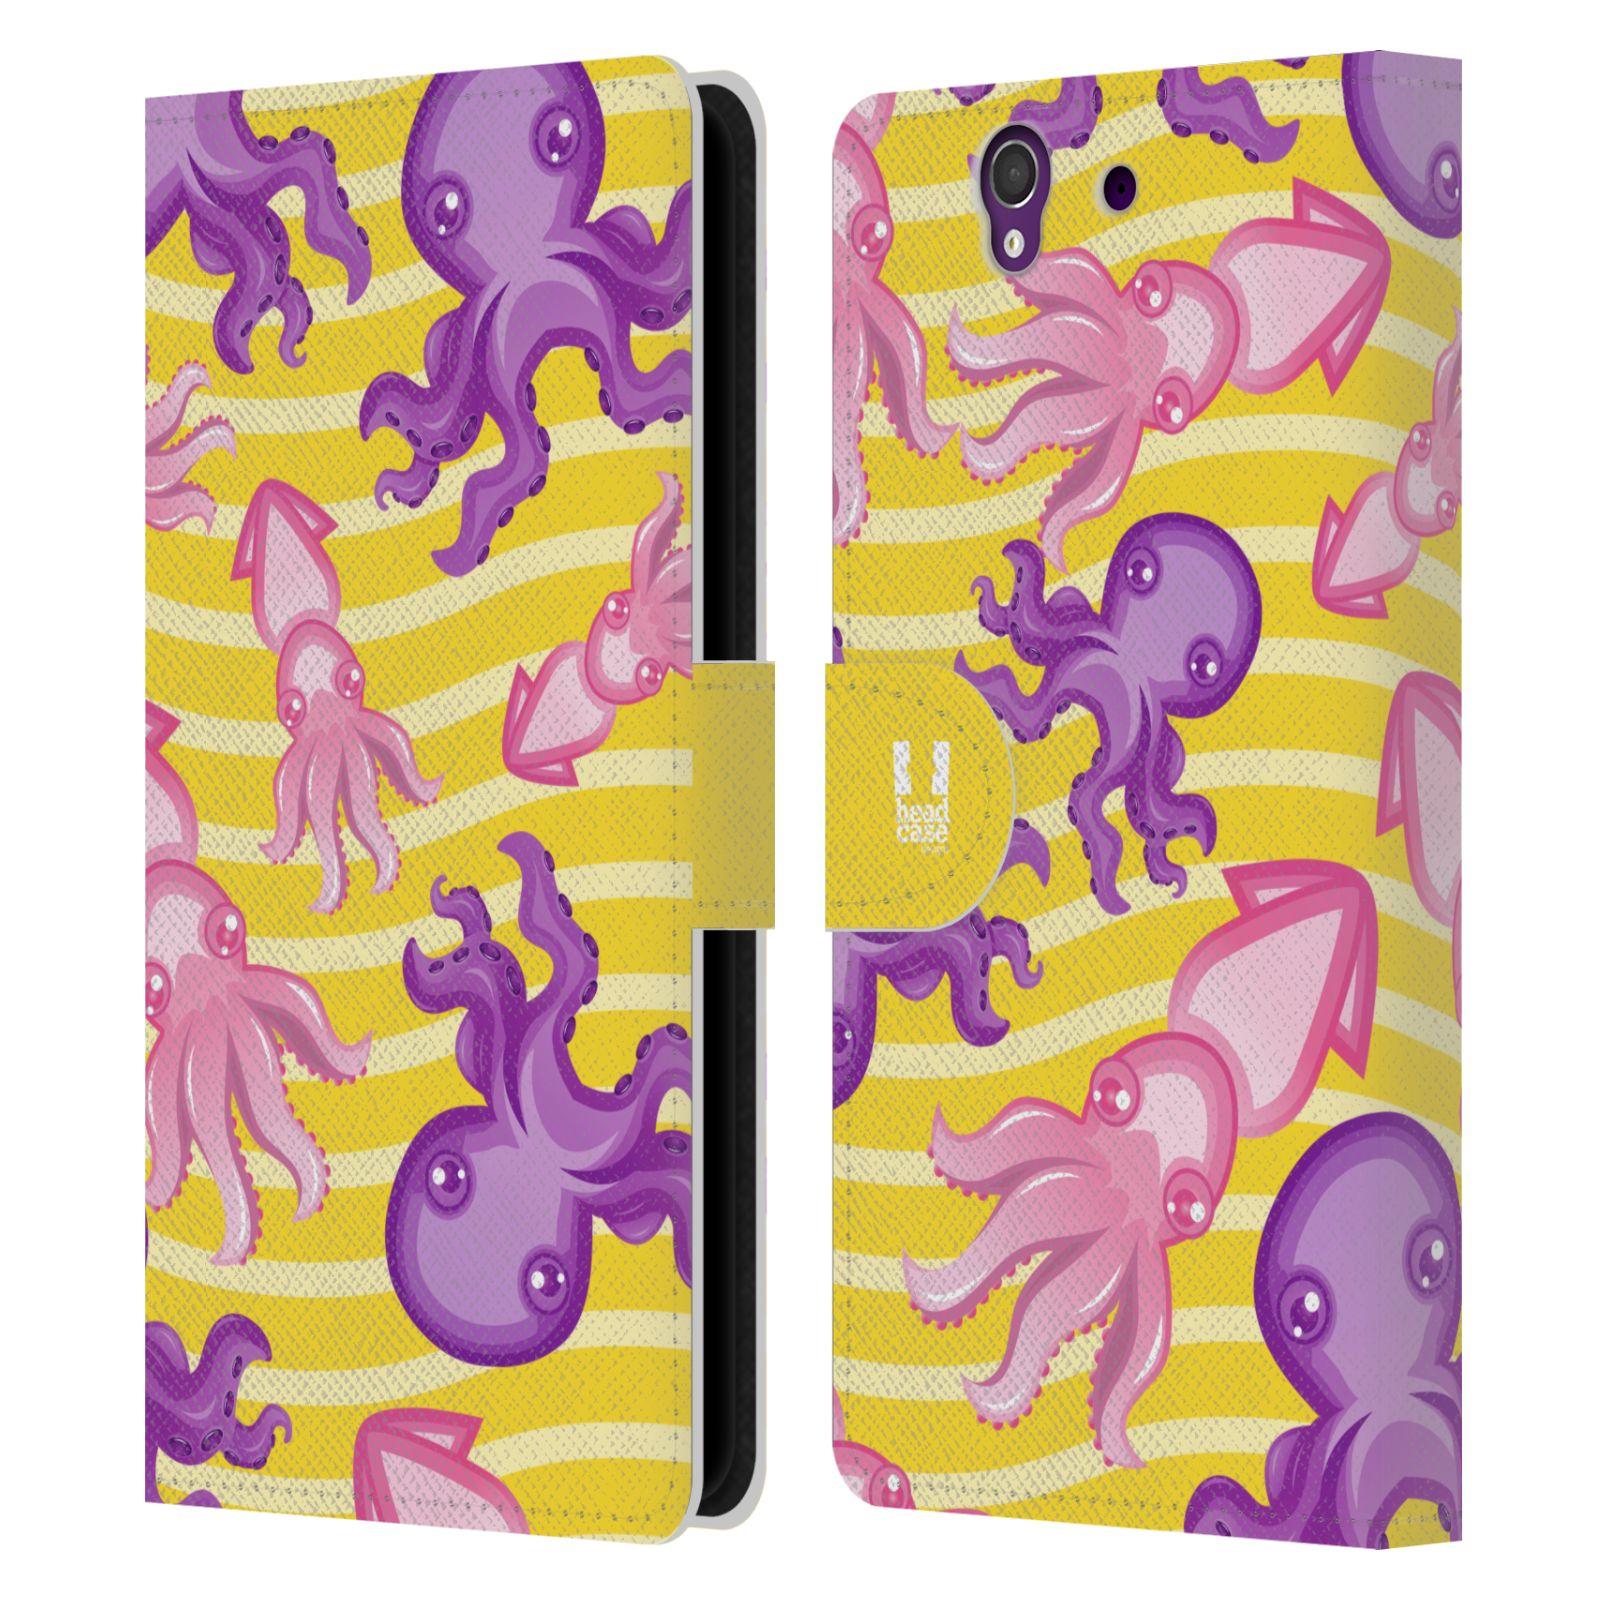 HEAD CASE Flipové pouzdro pro mobil SONY XPERIA Z (C6603) Mořský živočich chobotnice a krakatice žlutá barva